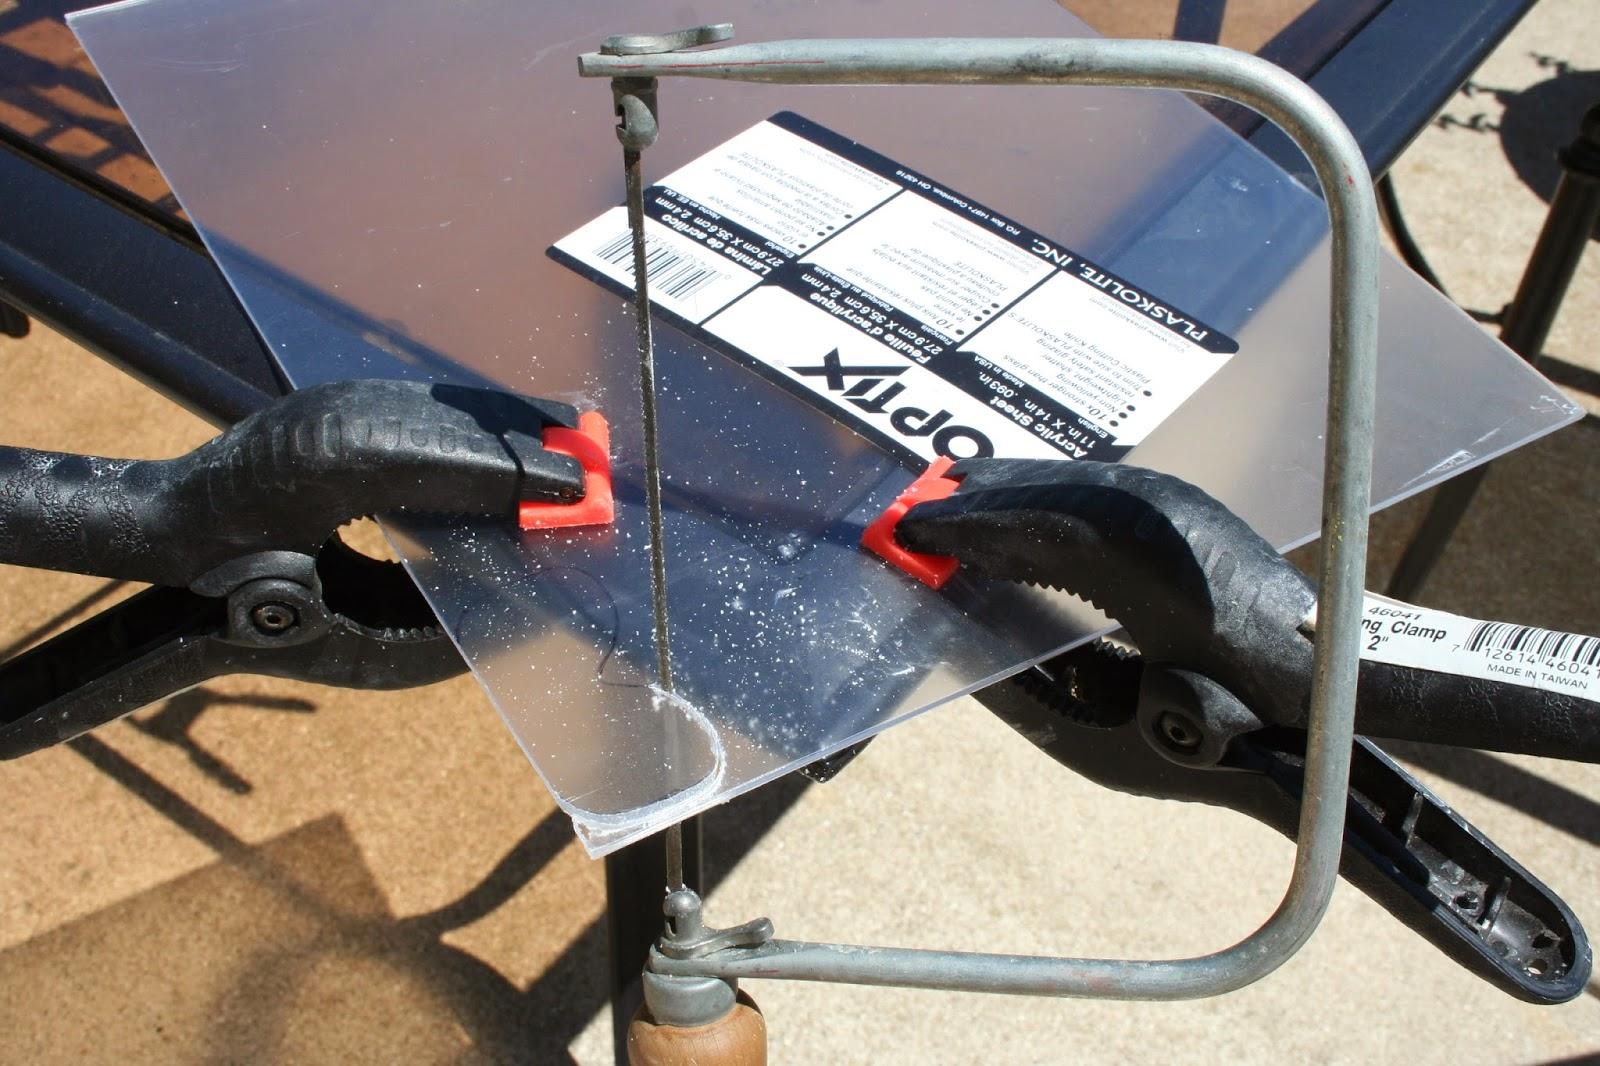 how to cut plexiglass with a saw